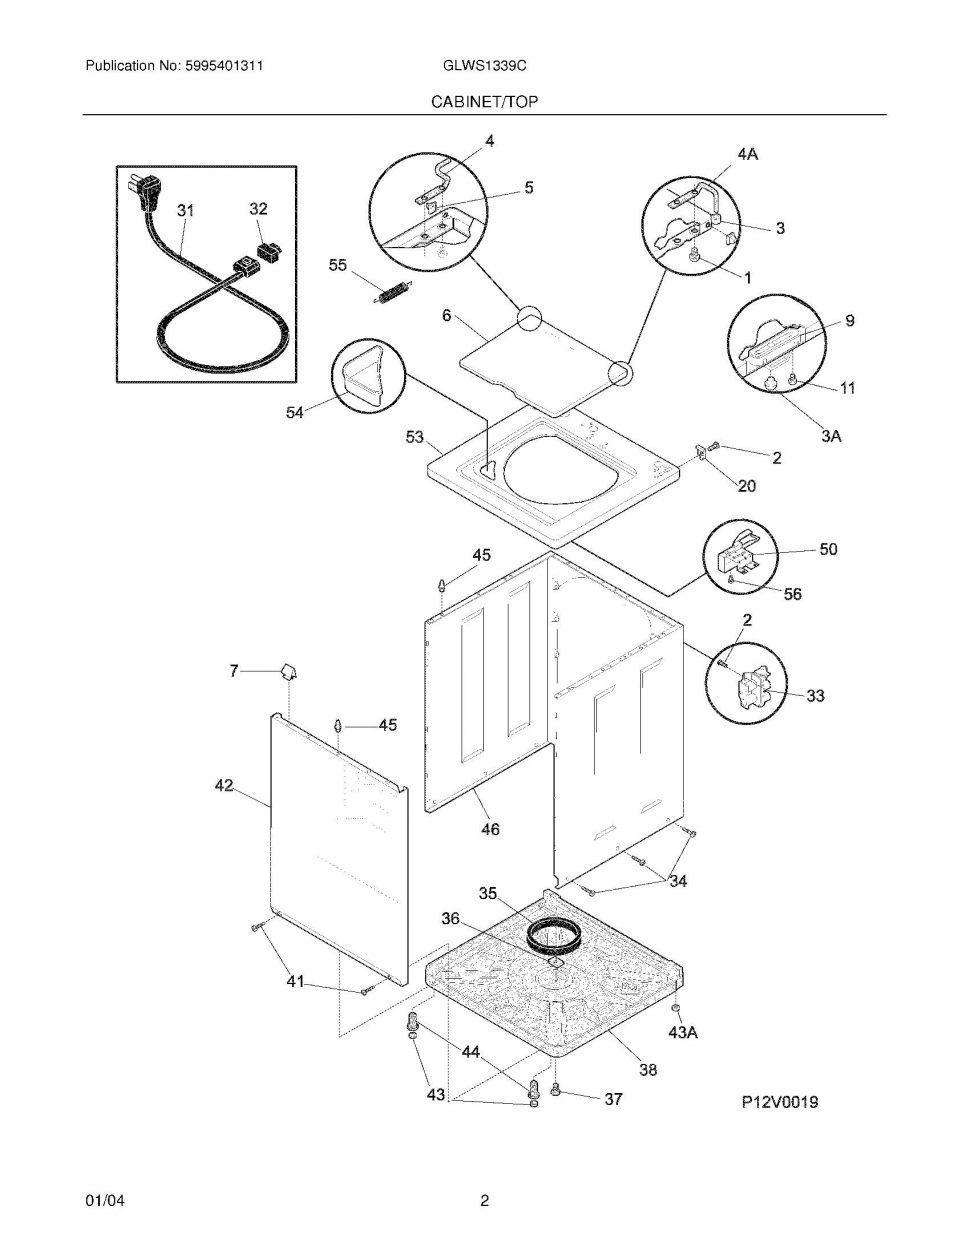 fender deluxe wiring diagram